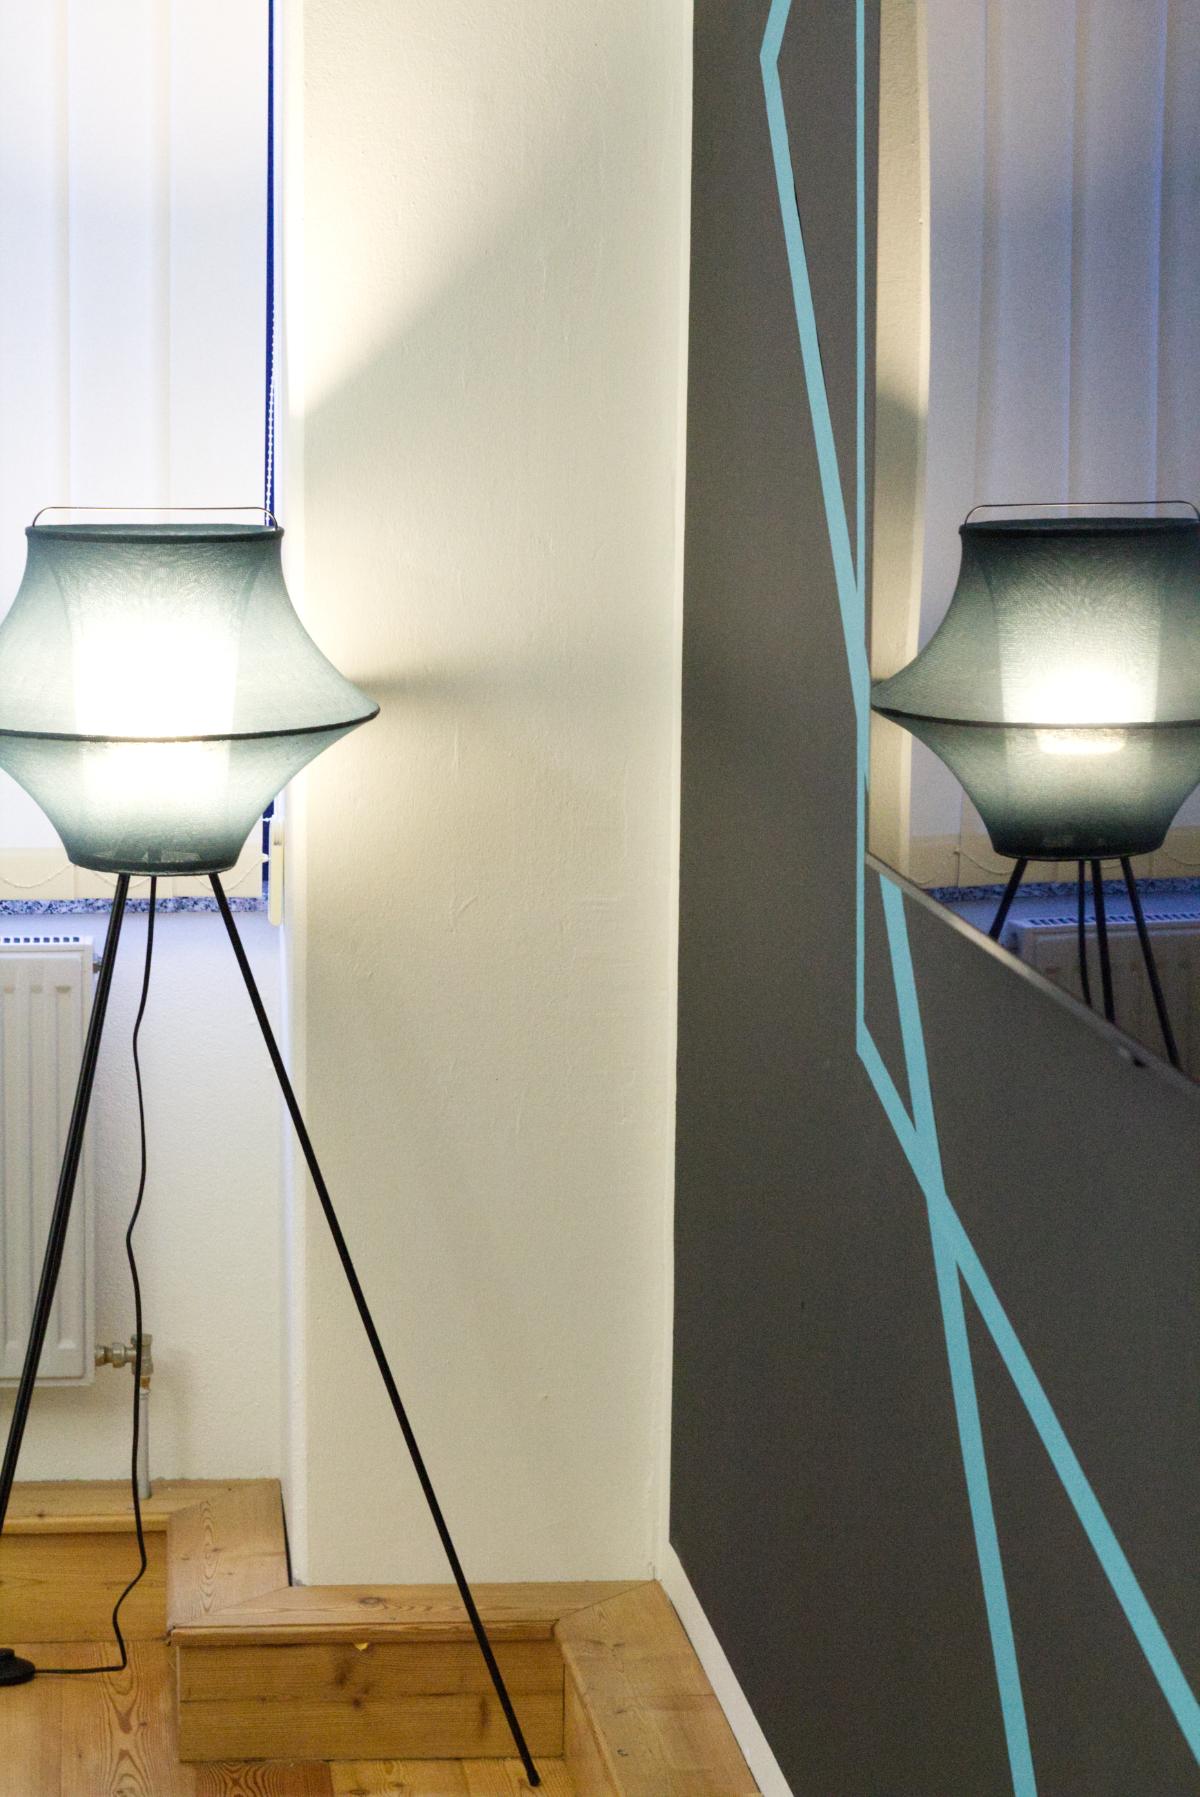 Moderner und stylischer Meetingraum in Ahrensburg mit gemütlichem Ambiente für produktive Meetings, Termine und Vorträge.